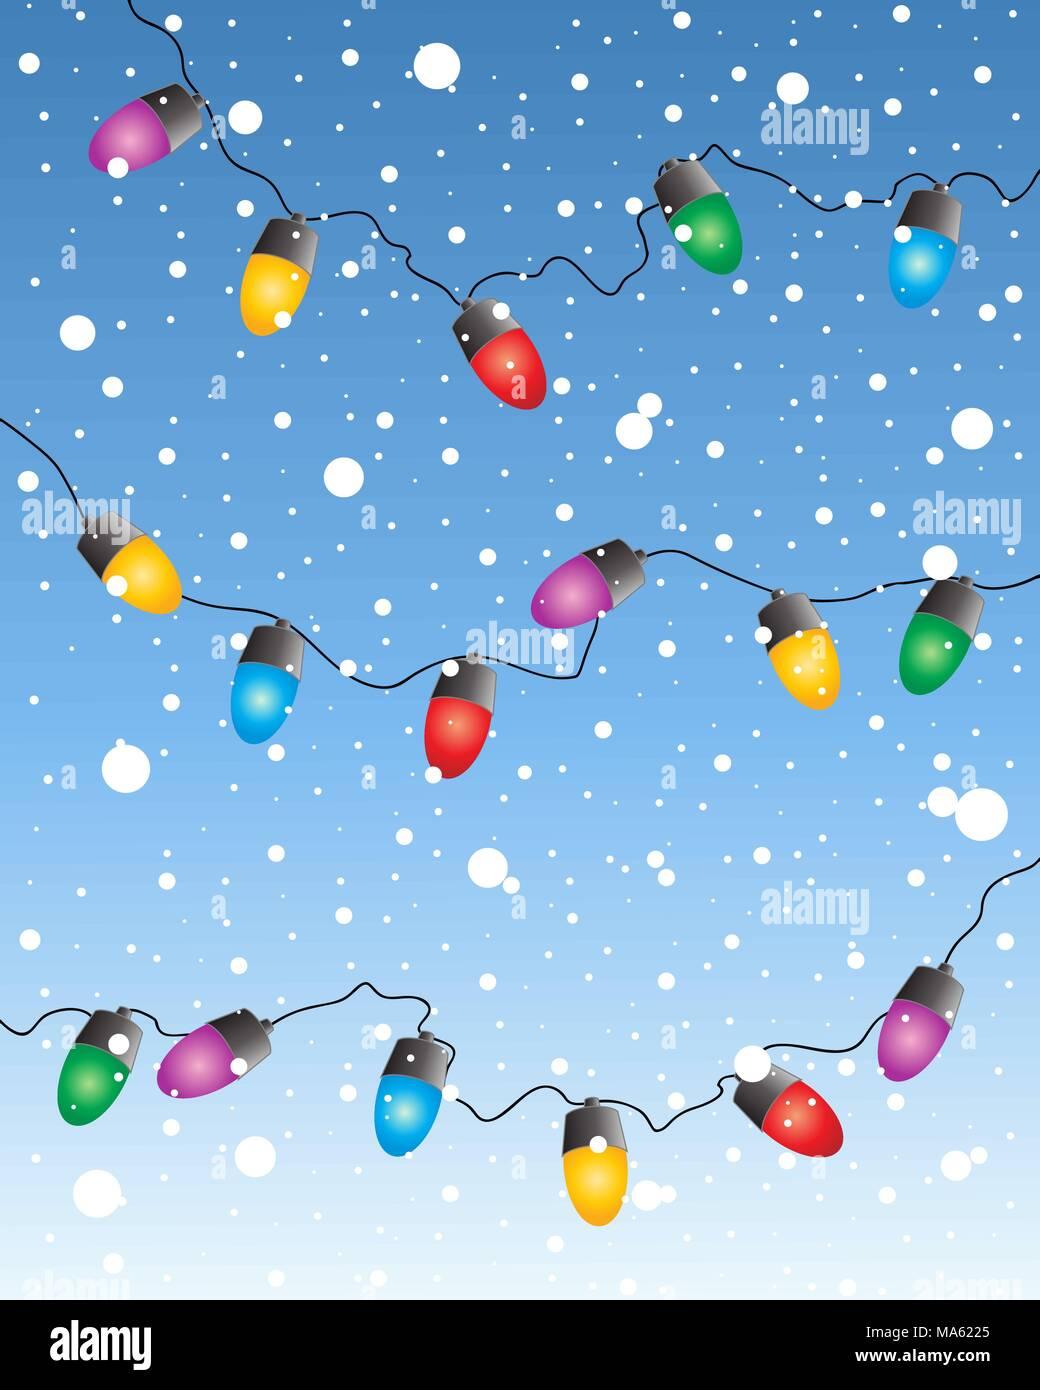 Una illustrazione vettoriale in formato eps formato 10 di un set colorato della favola di Natale luci con uno sfondo innevato Immagini Stock